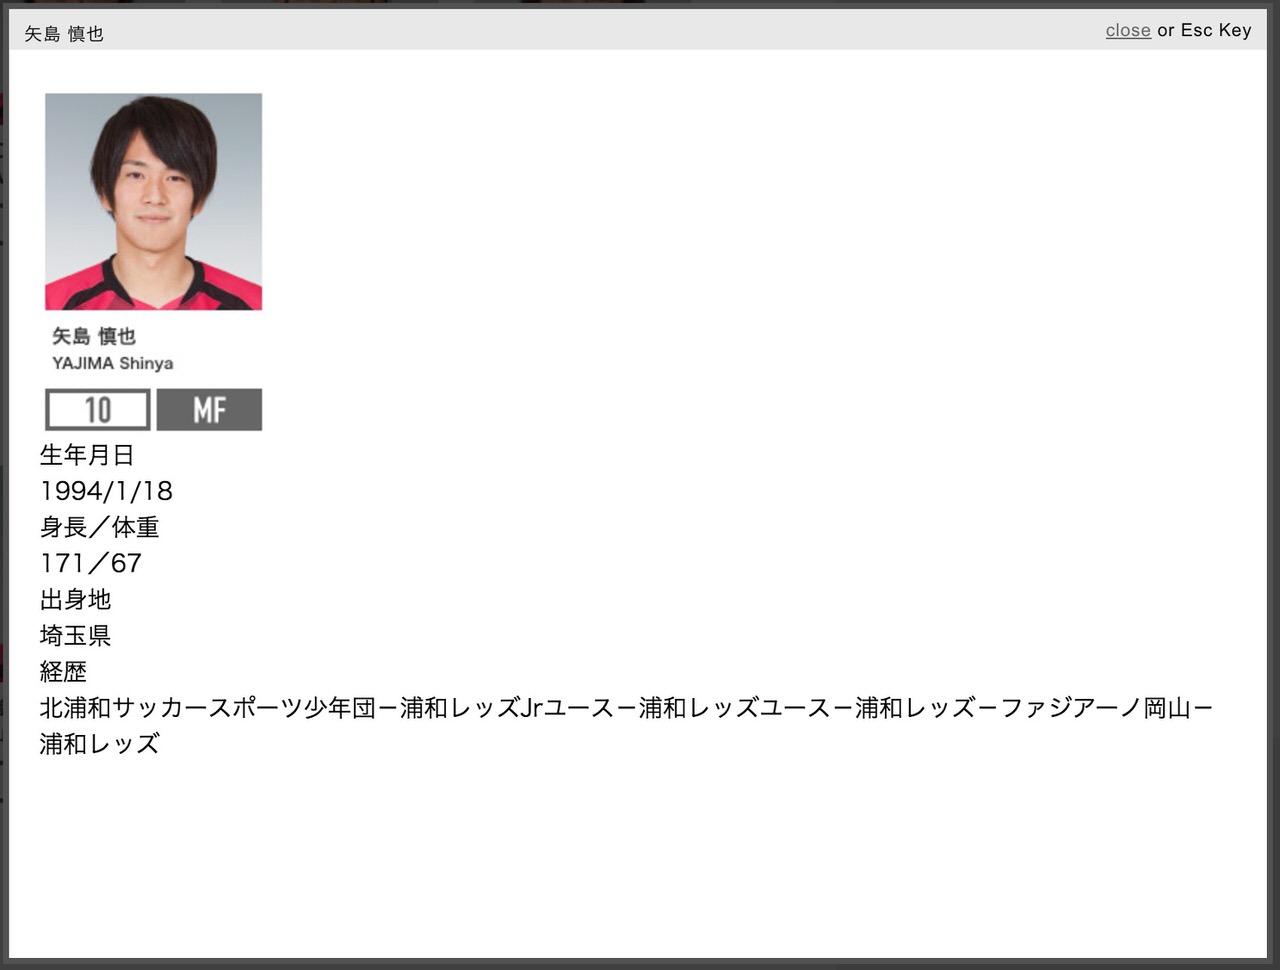 浦和レッズ、岡山・矢島慎也の期限付き移籍からの復帰と水戸・斎藤翔太の期限付き移籍の延長を発表